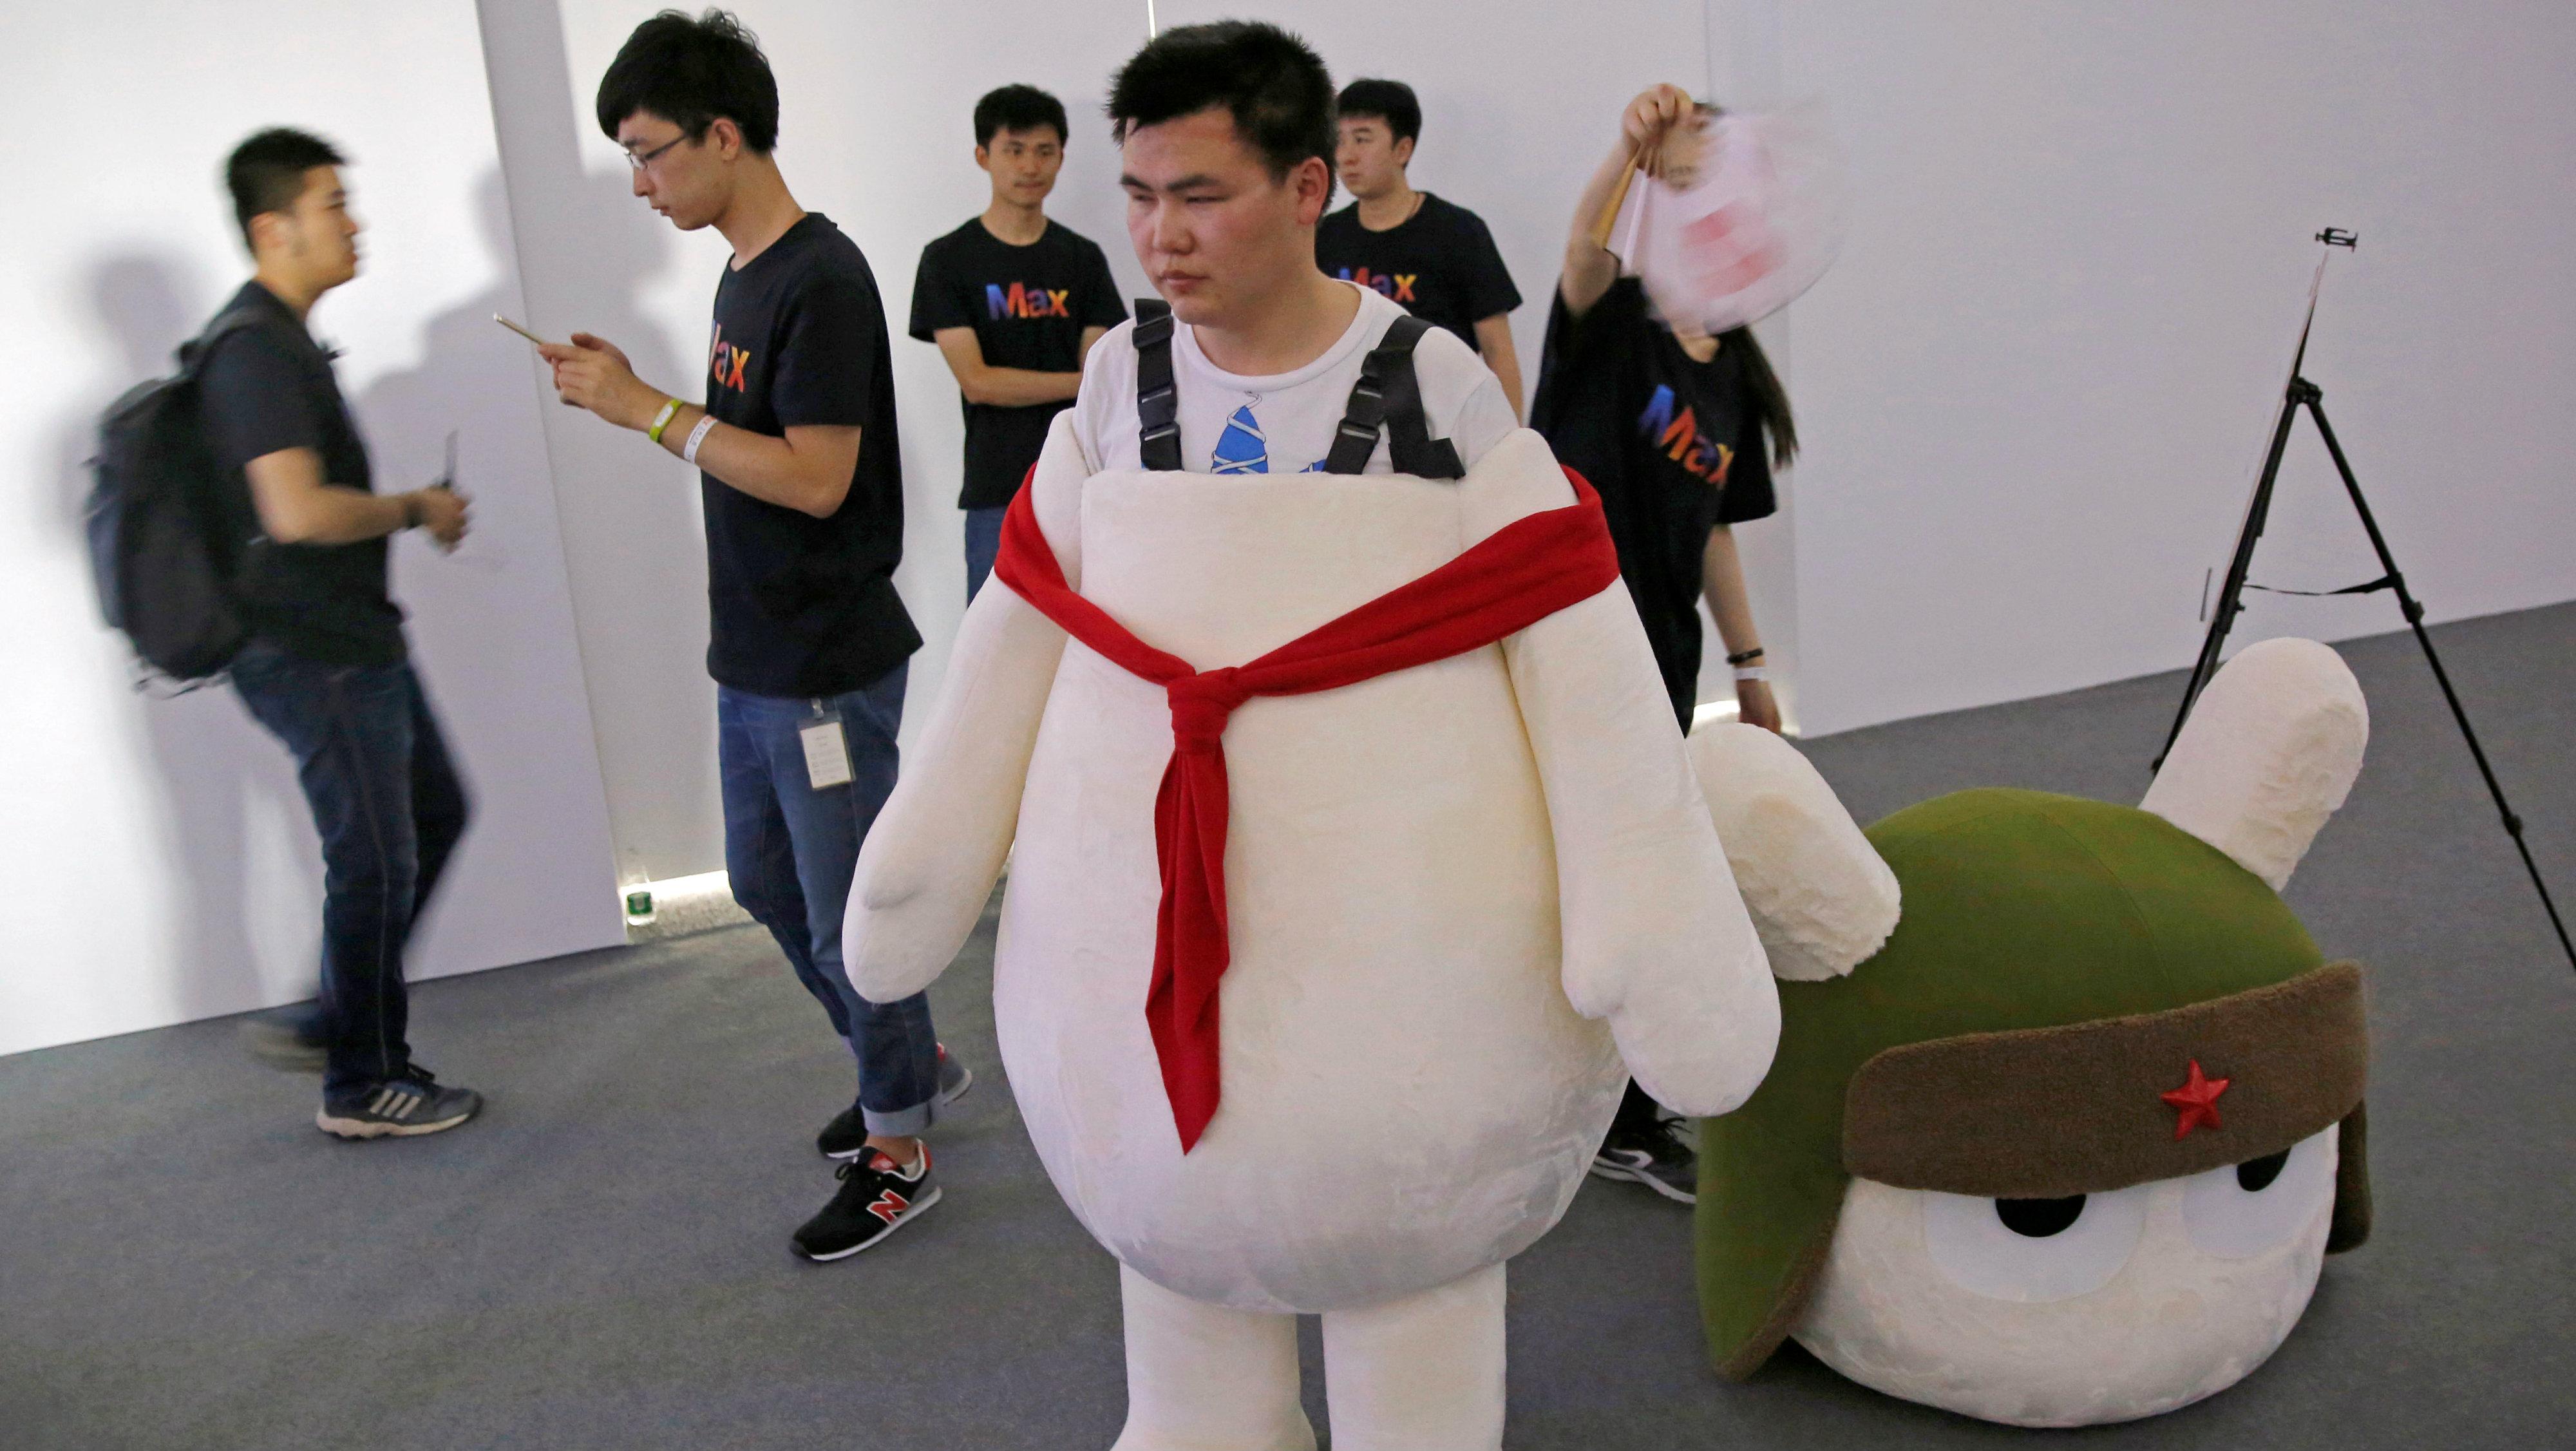 A worker wears a Xiaomi marketing suit.